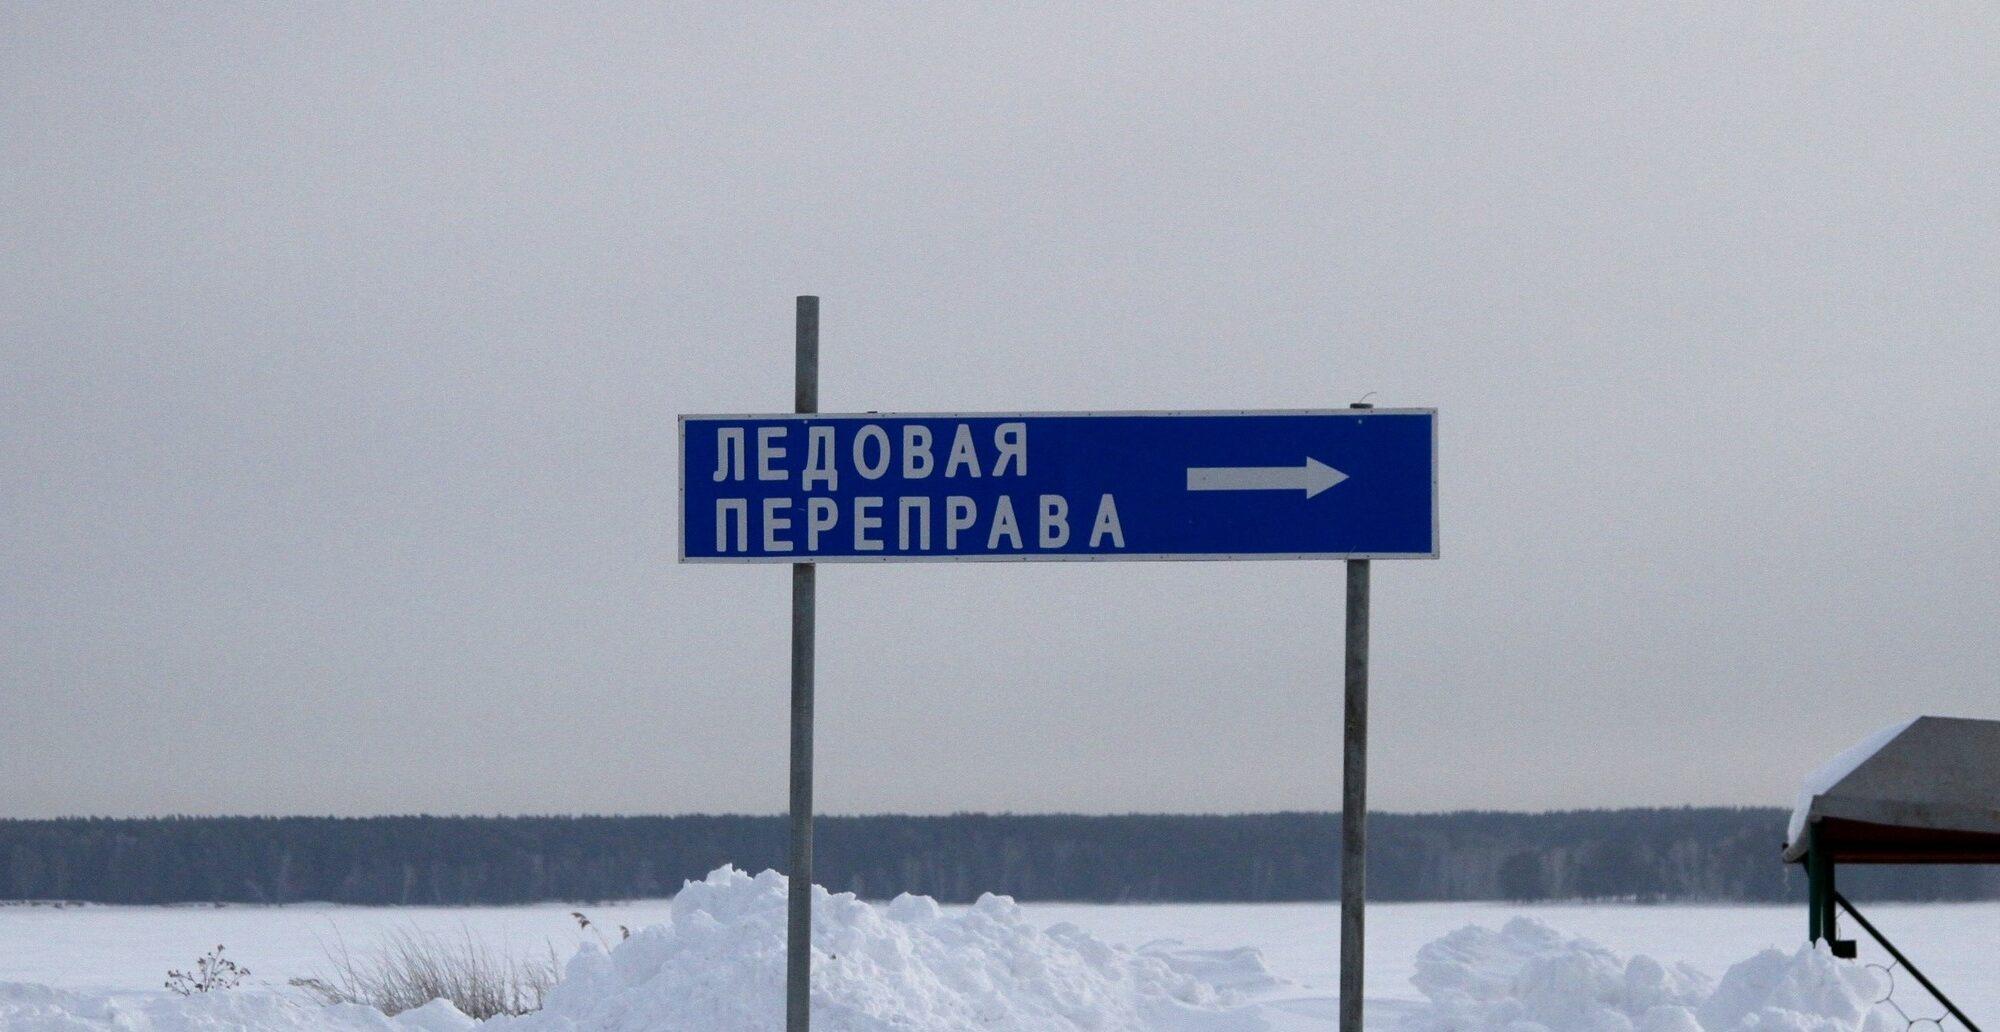 лед, переправа